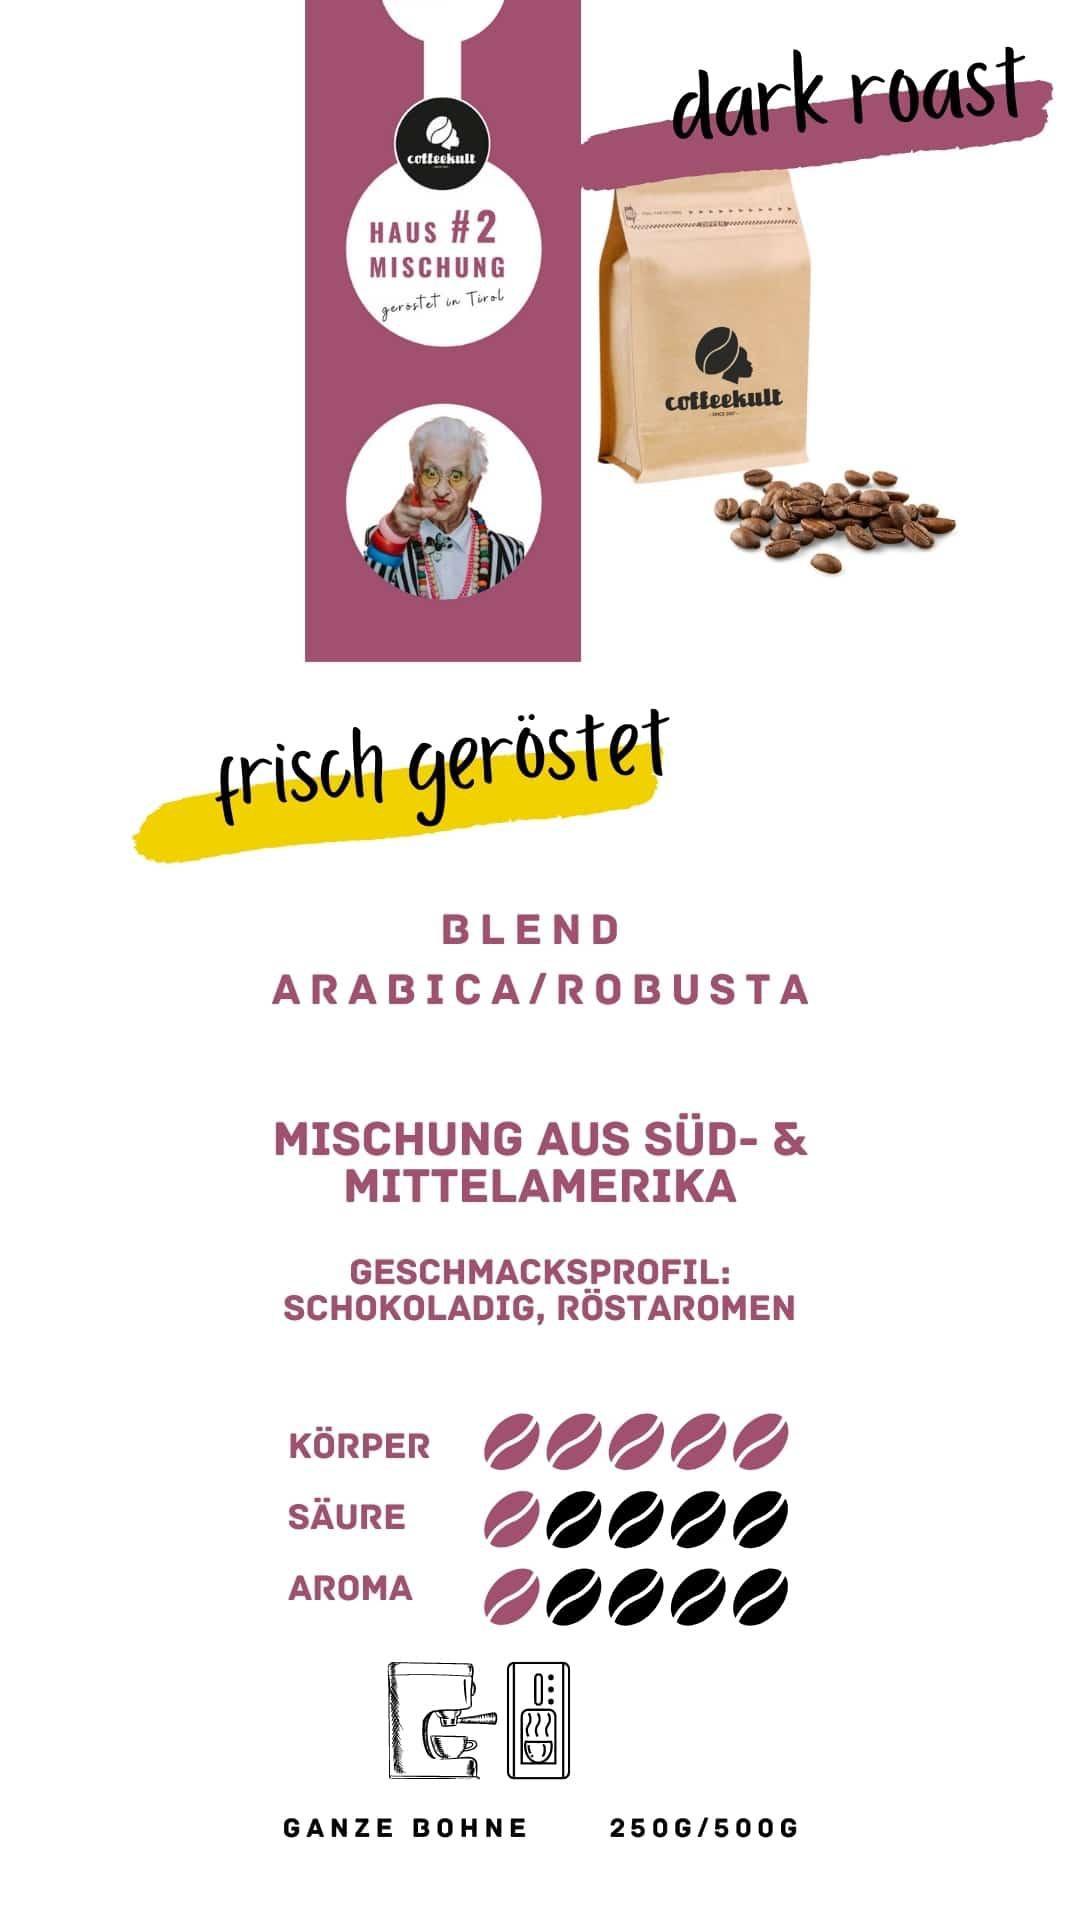 coffeekult coffee frisch geröstet barista kaffeerösterei innsbruck hausmischung 2 italienisch